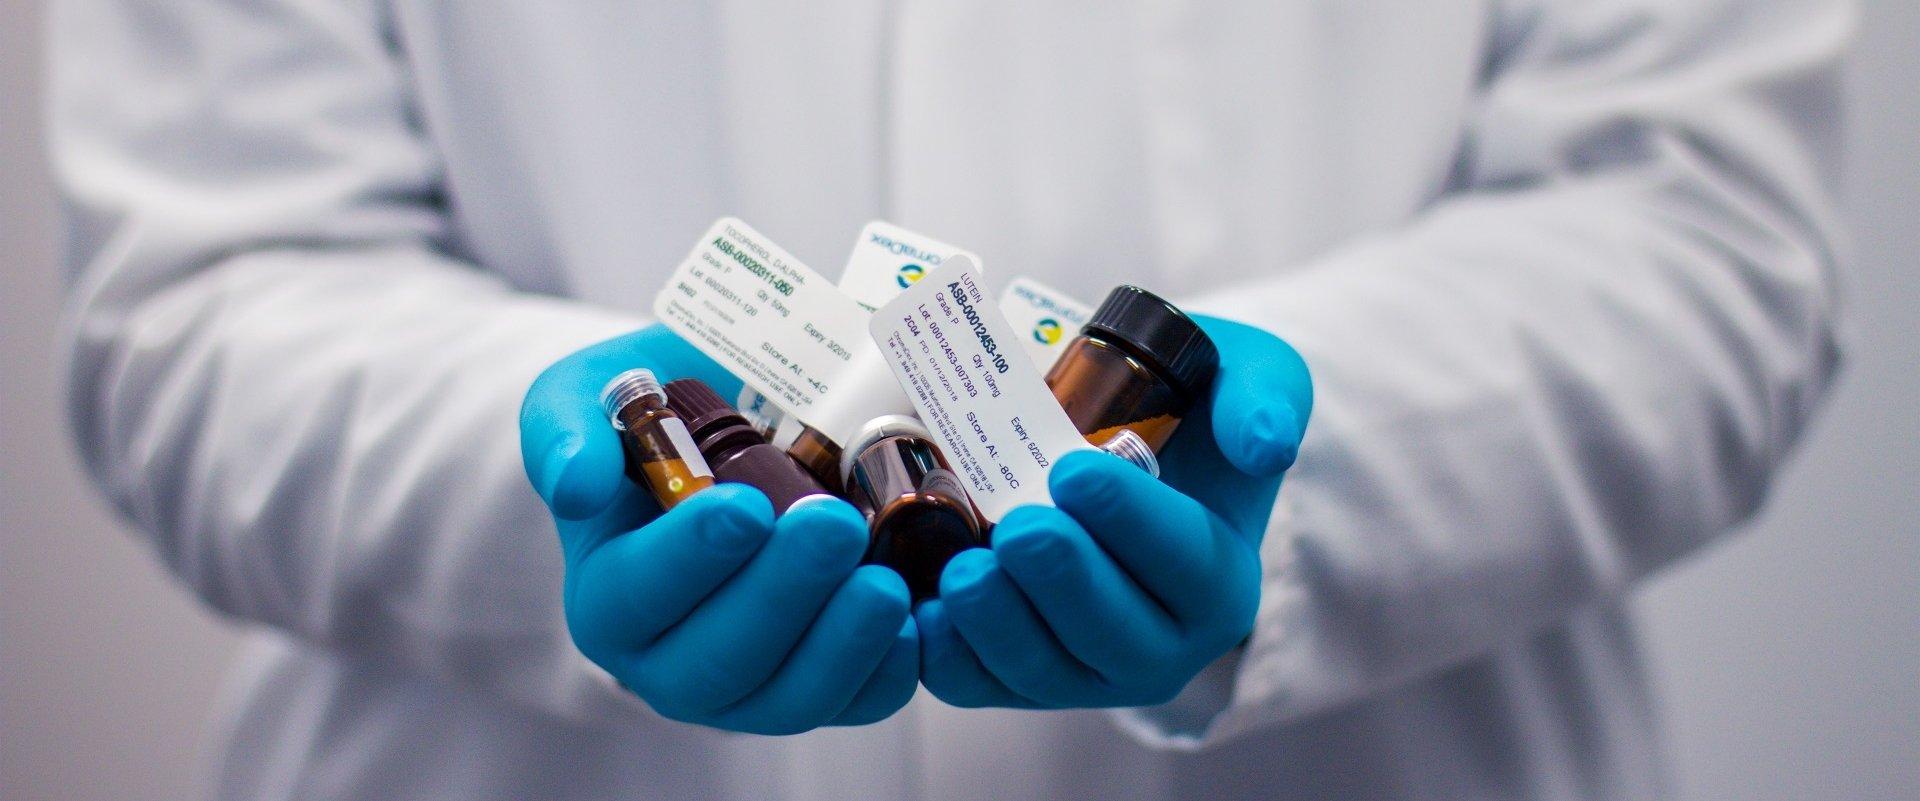 Nahaufnahme Hände in Handschuhen mit Arzneimitteln